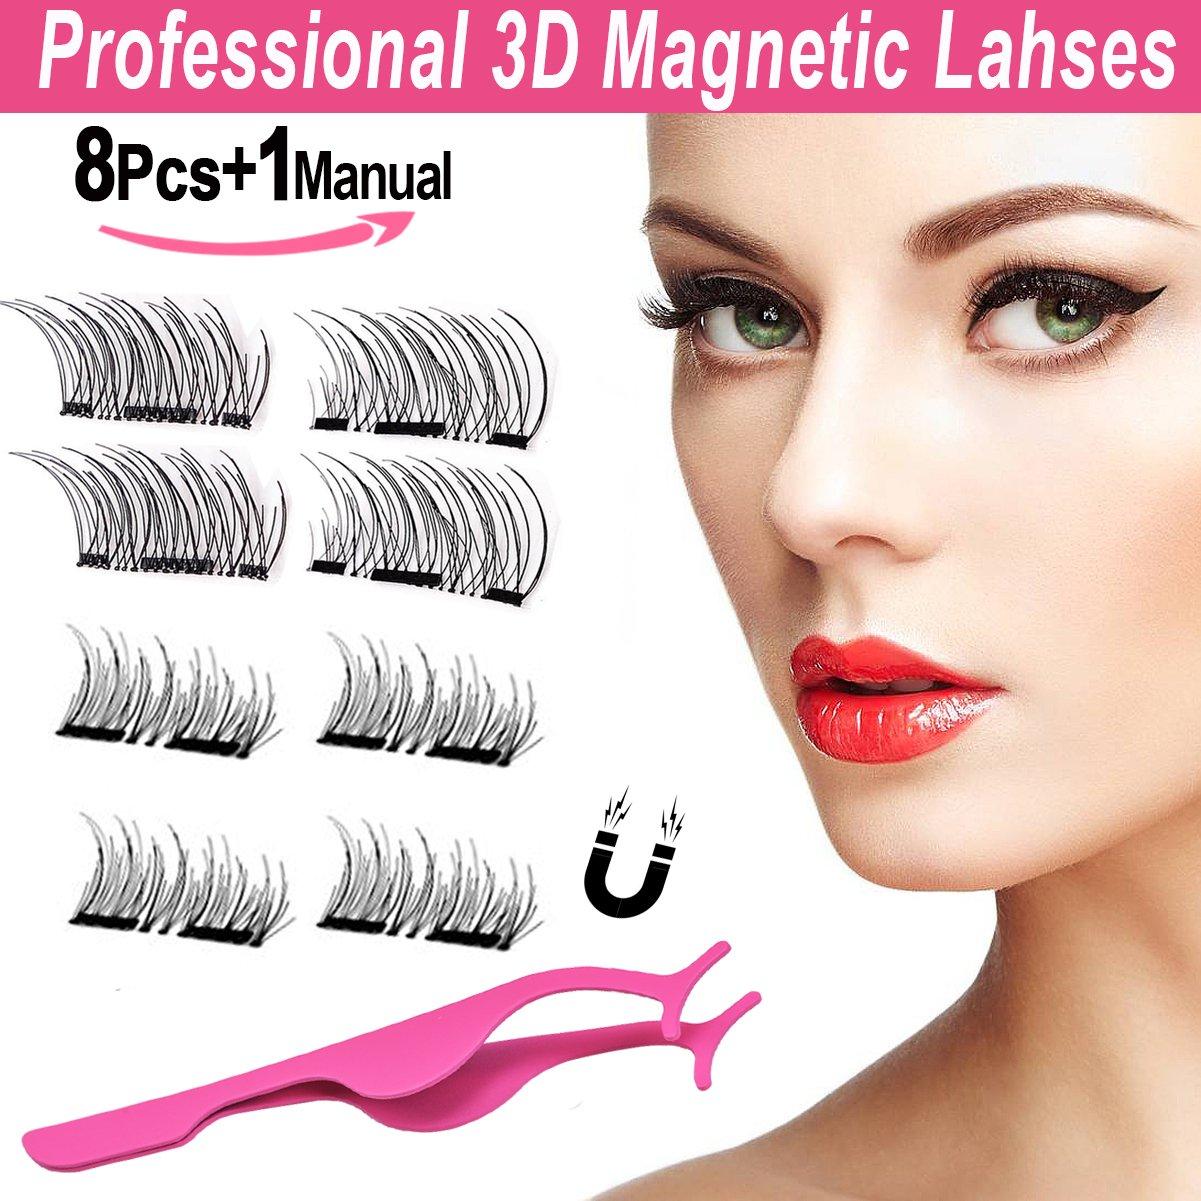 Ciglia Magnetiche 3D, BeautyLove Ciglia Finte Magnetiche Naturali, Estensioni Ciglia Professionali leggere Fatte a Mano (2 coppie/8 pezzi)